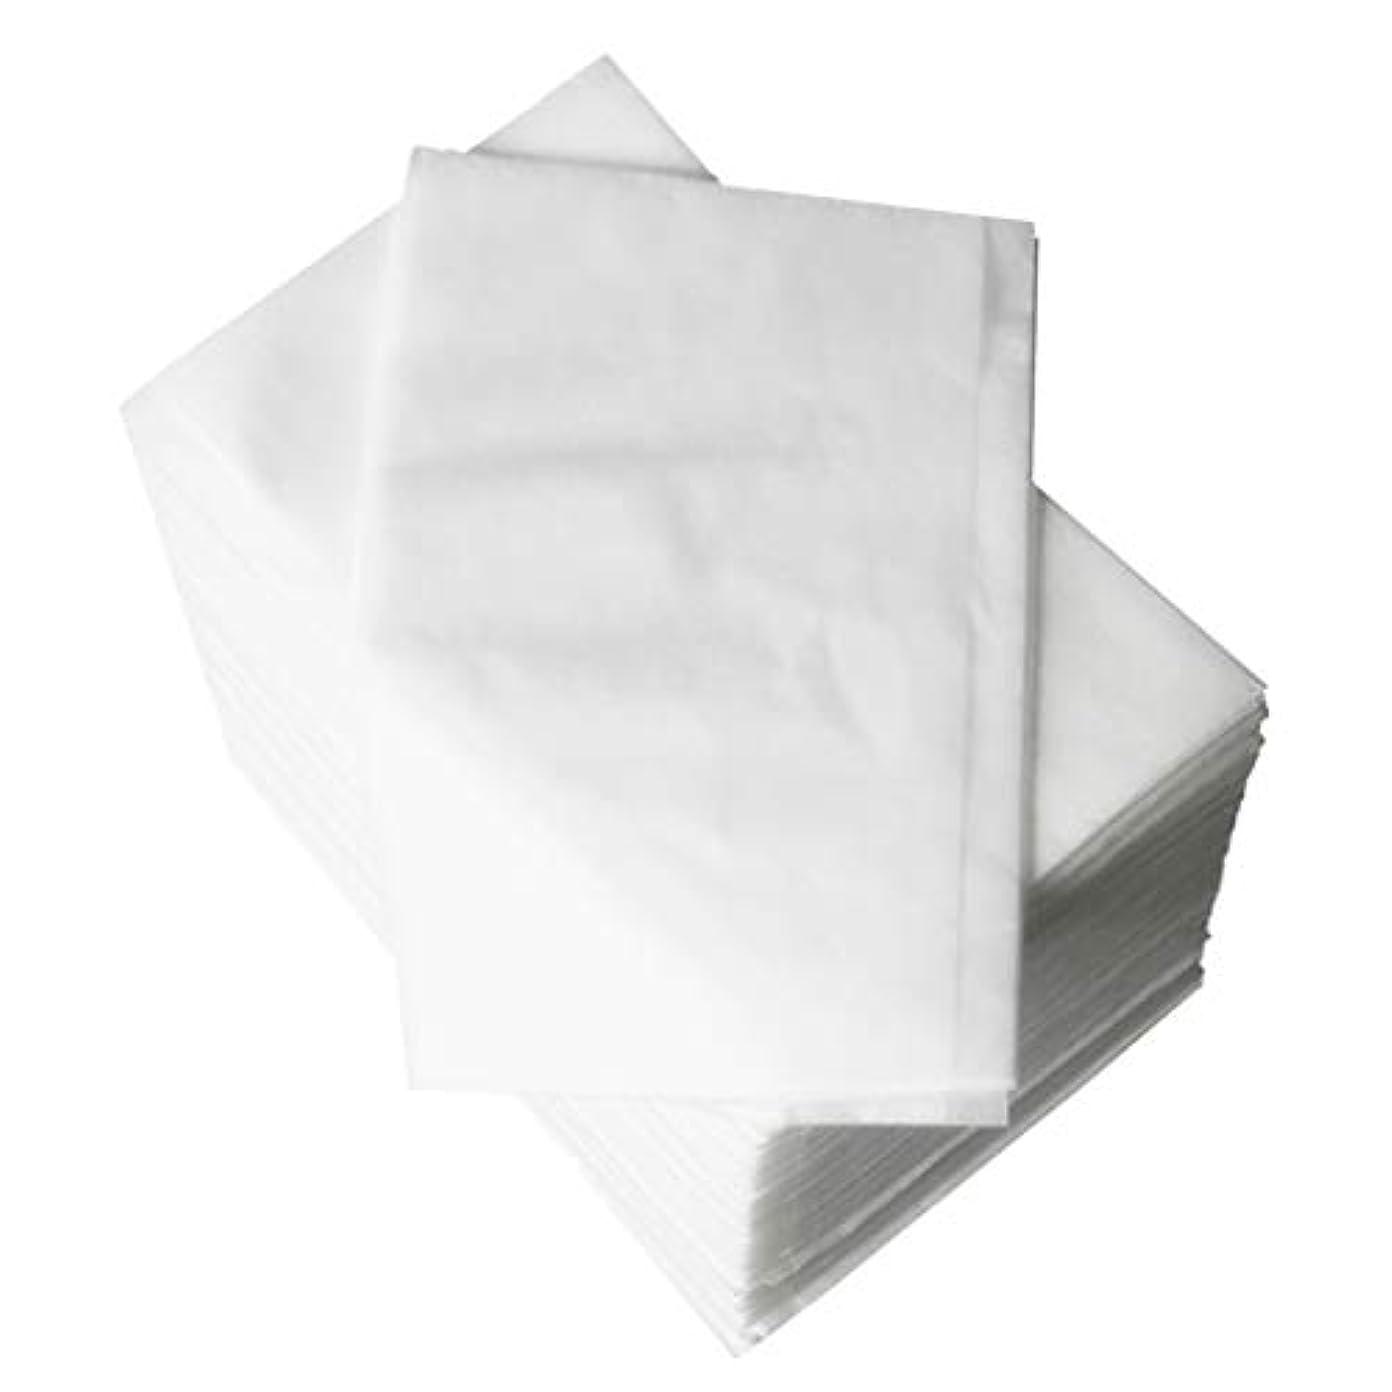 黙認する砦絶え間ないスパベッドカバー 使い捨て 耐久性 使い捨てベッドシーツ ブルー ホワイト - 白